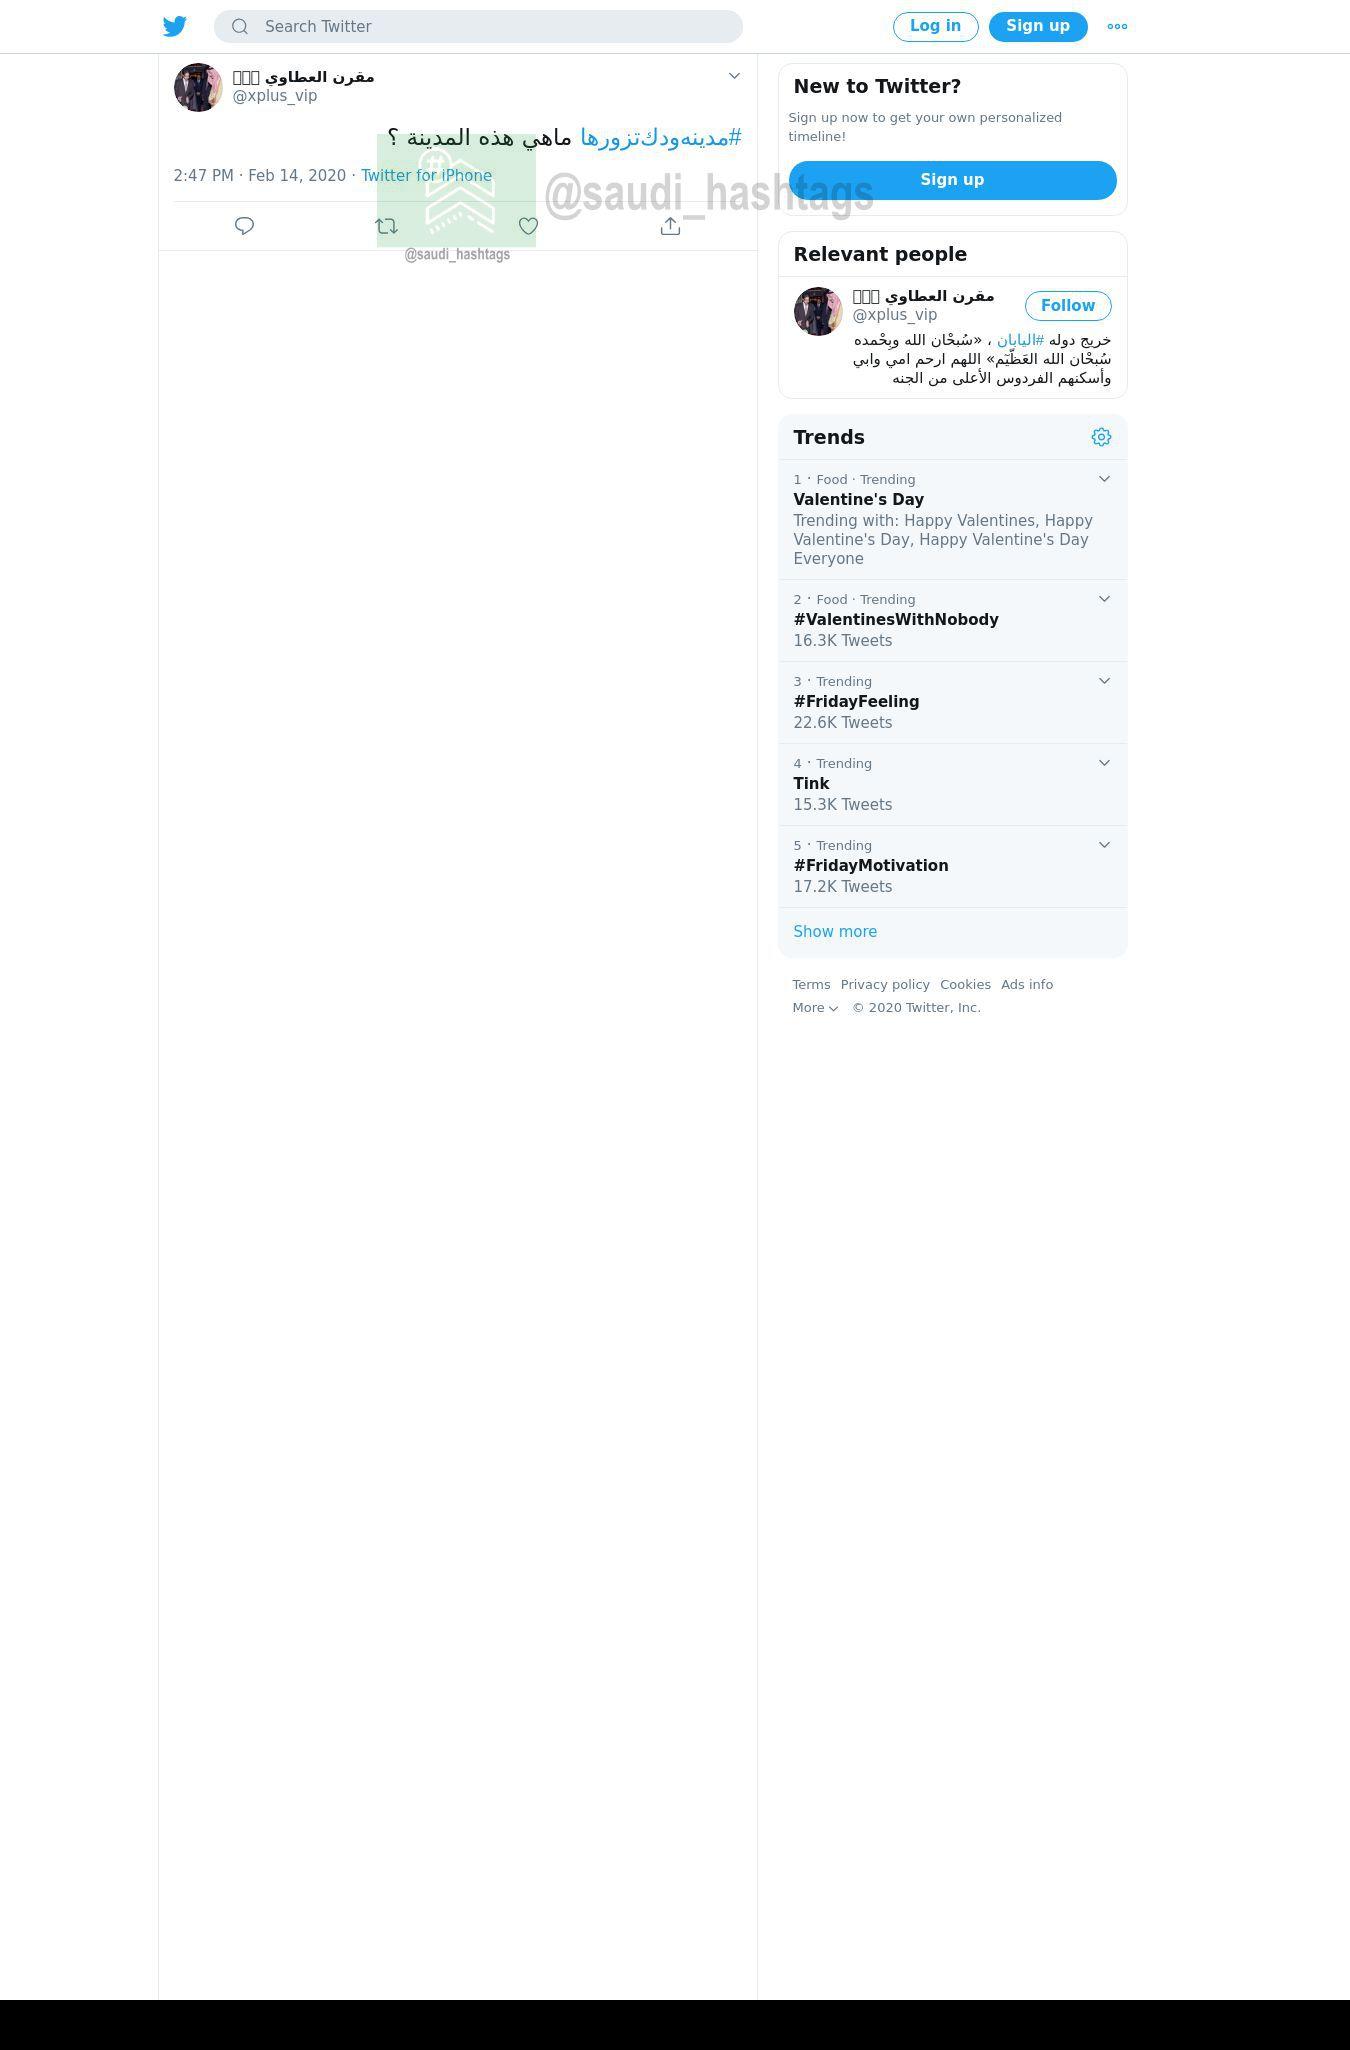 لقطة لاول تغريدة في هاشتاق #مدينهودكتزورها